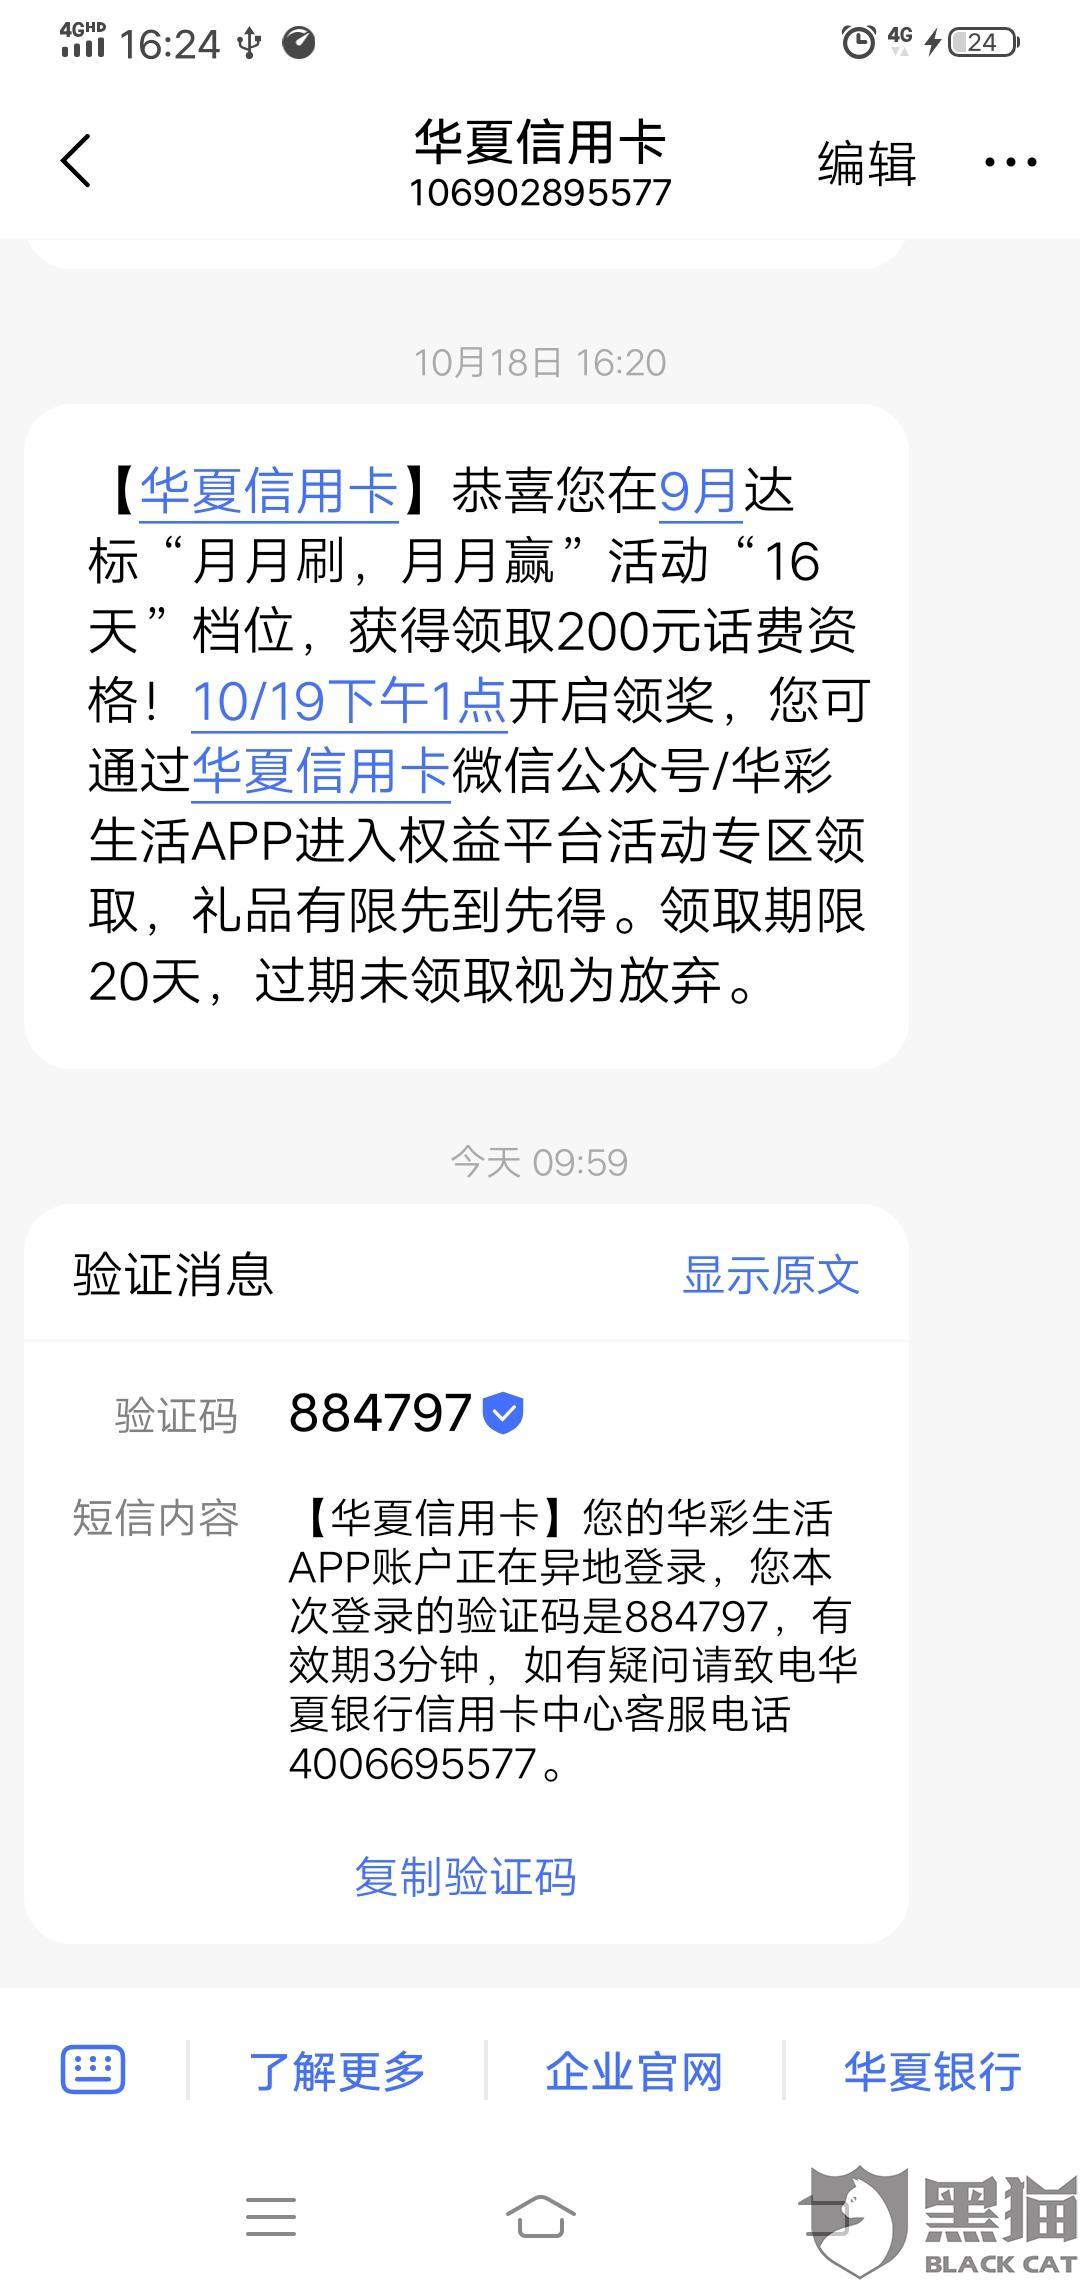 黑猫投诉:华夏银行月月刷 刷满16笔